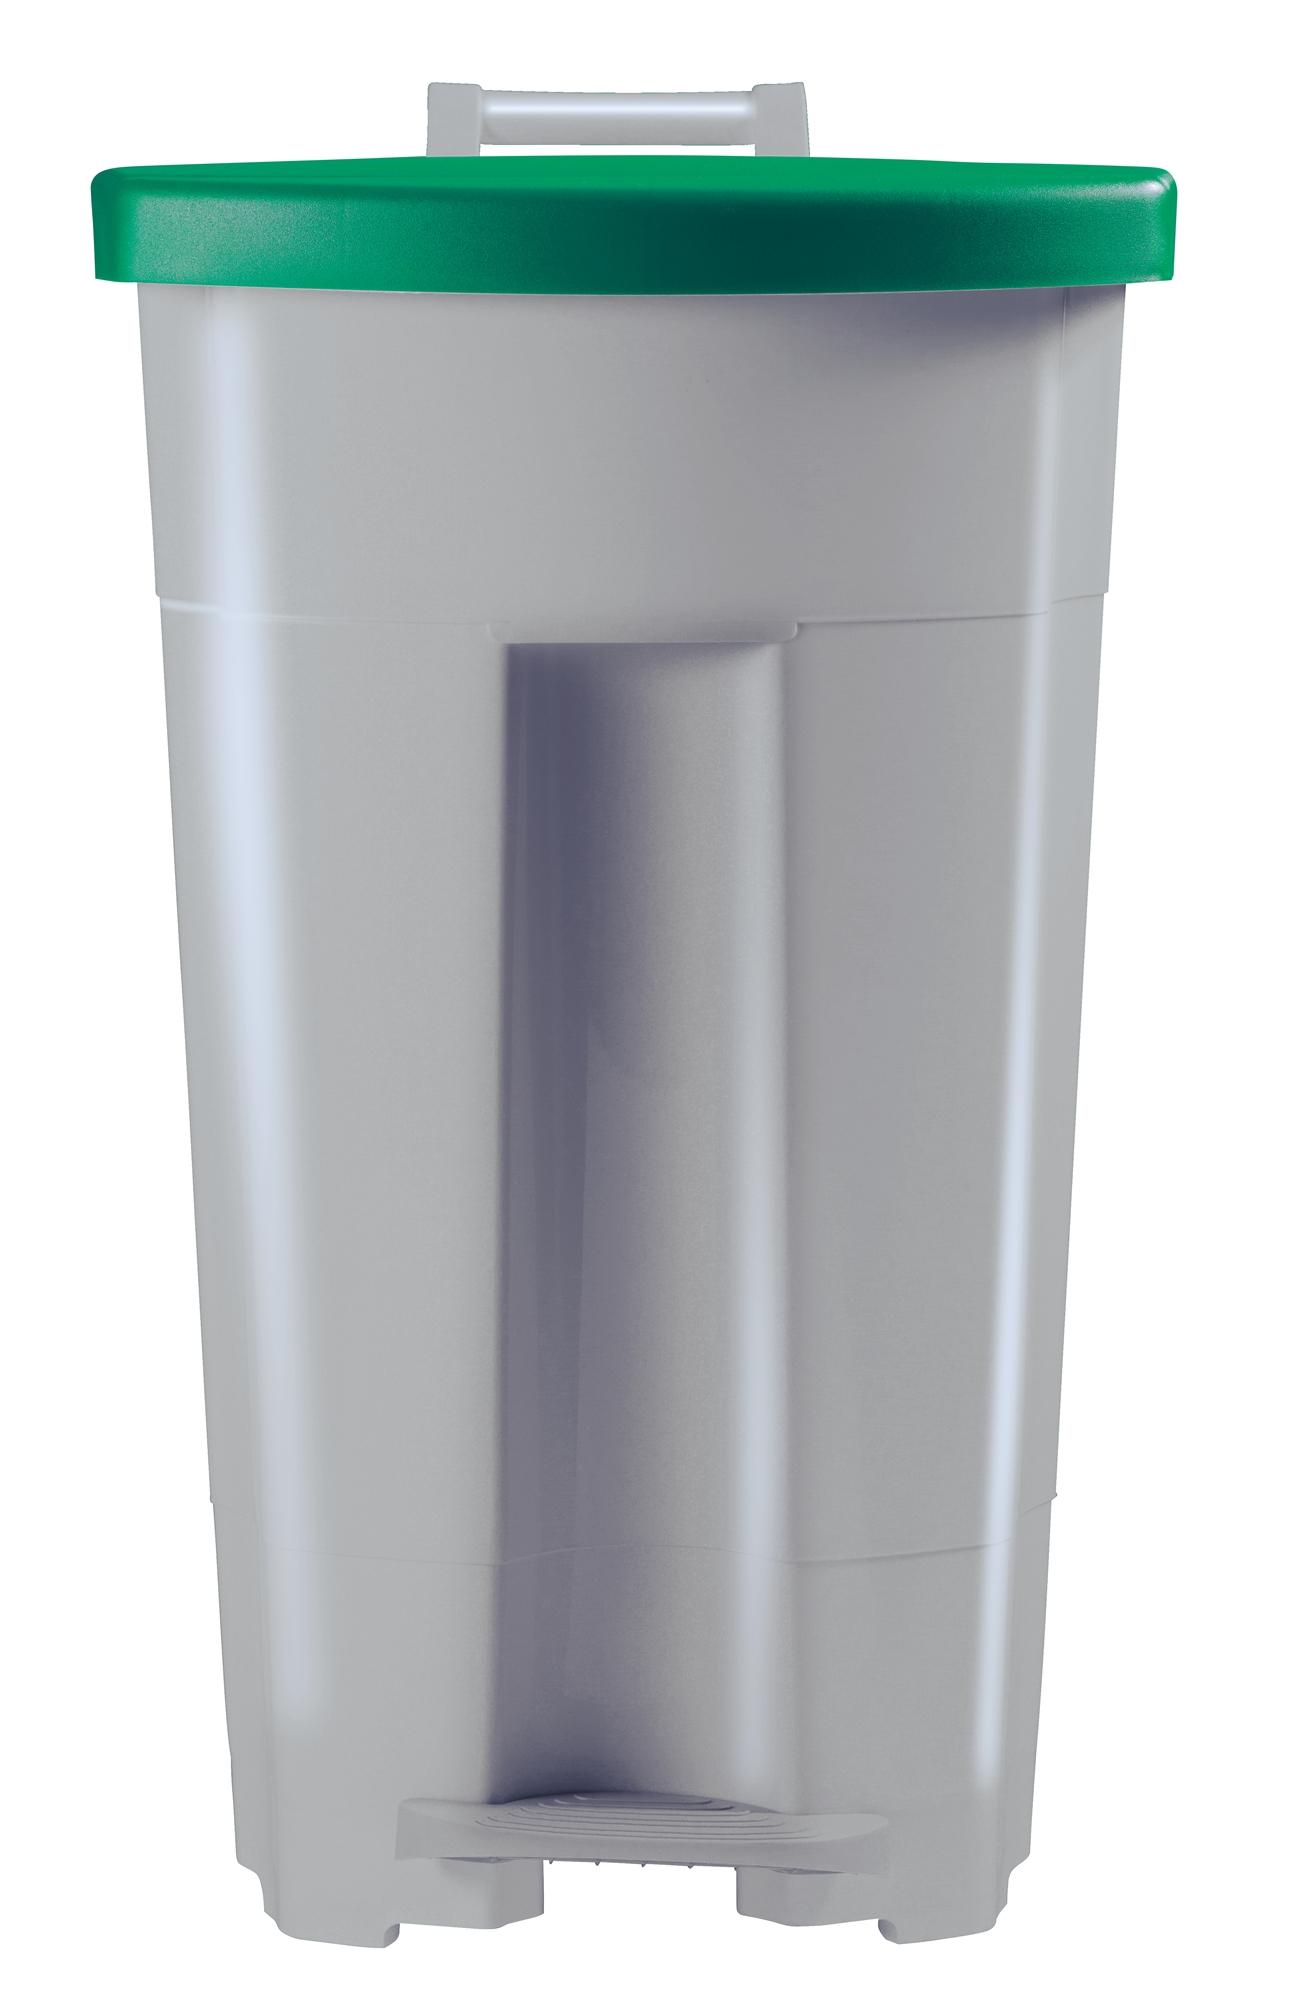 poubelle de cuisine rossignol 90 litres haccp couvercle vert. Black Bedroom Furniture Sets. Home Design Ideas